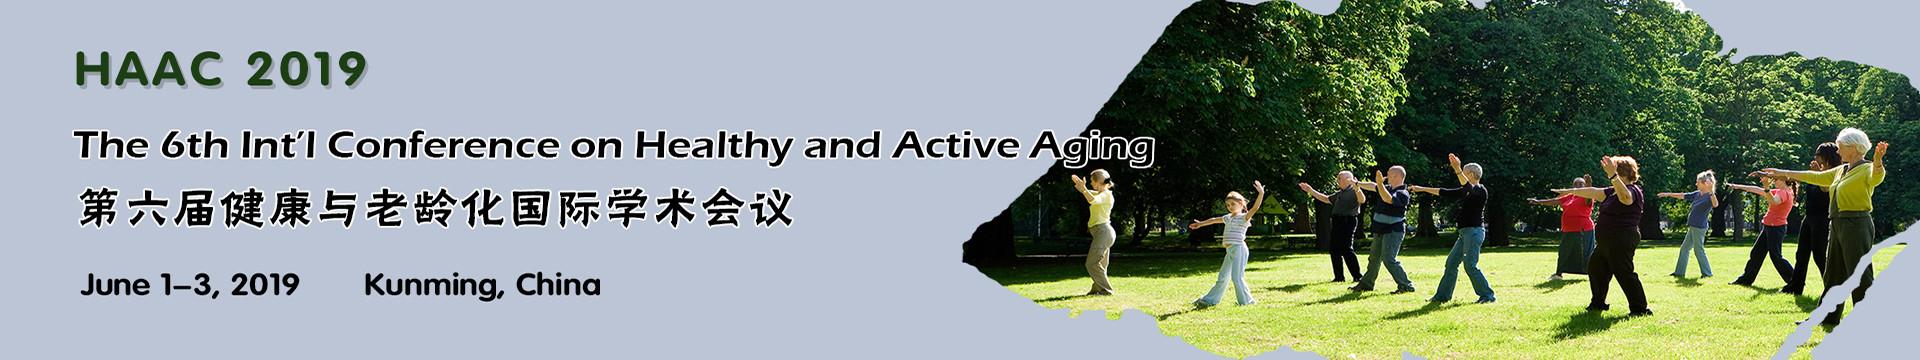 2019第六届健康与老龄化国际学术会议